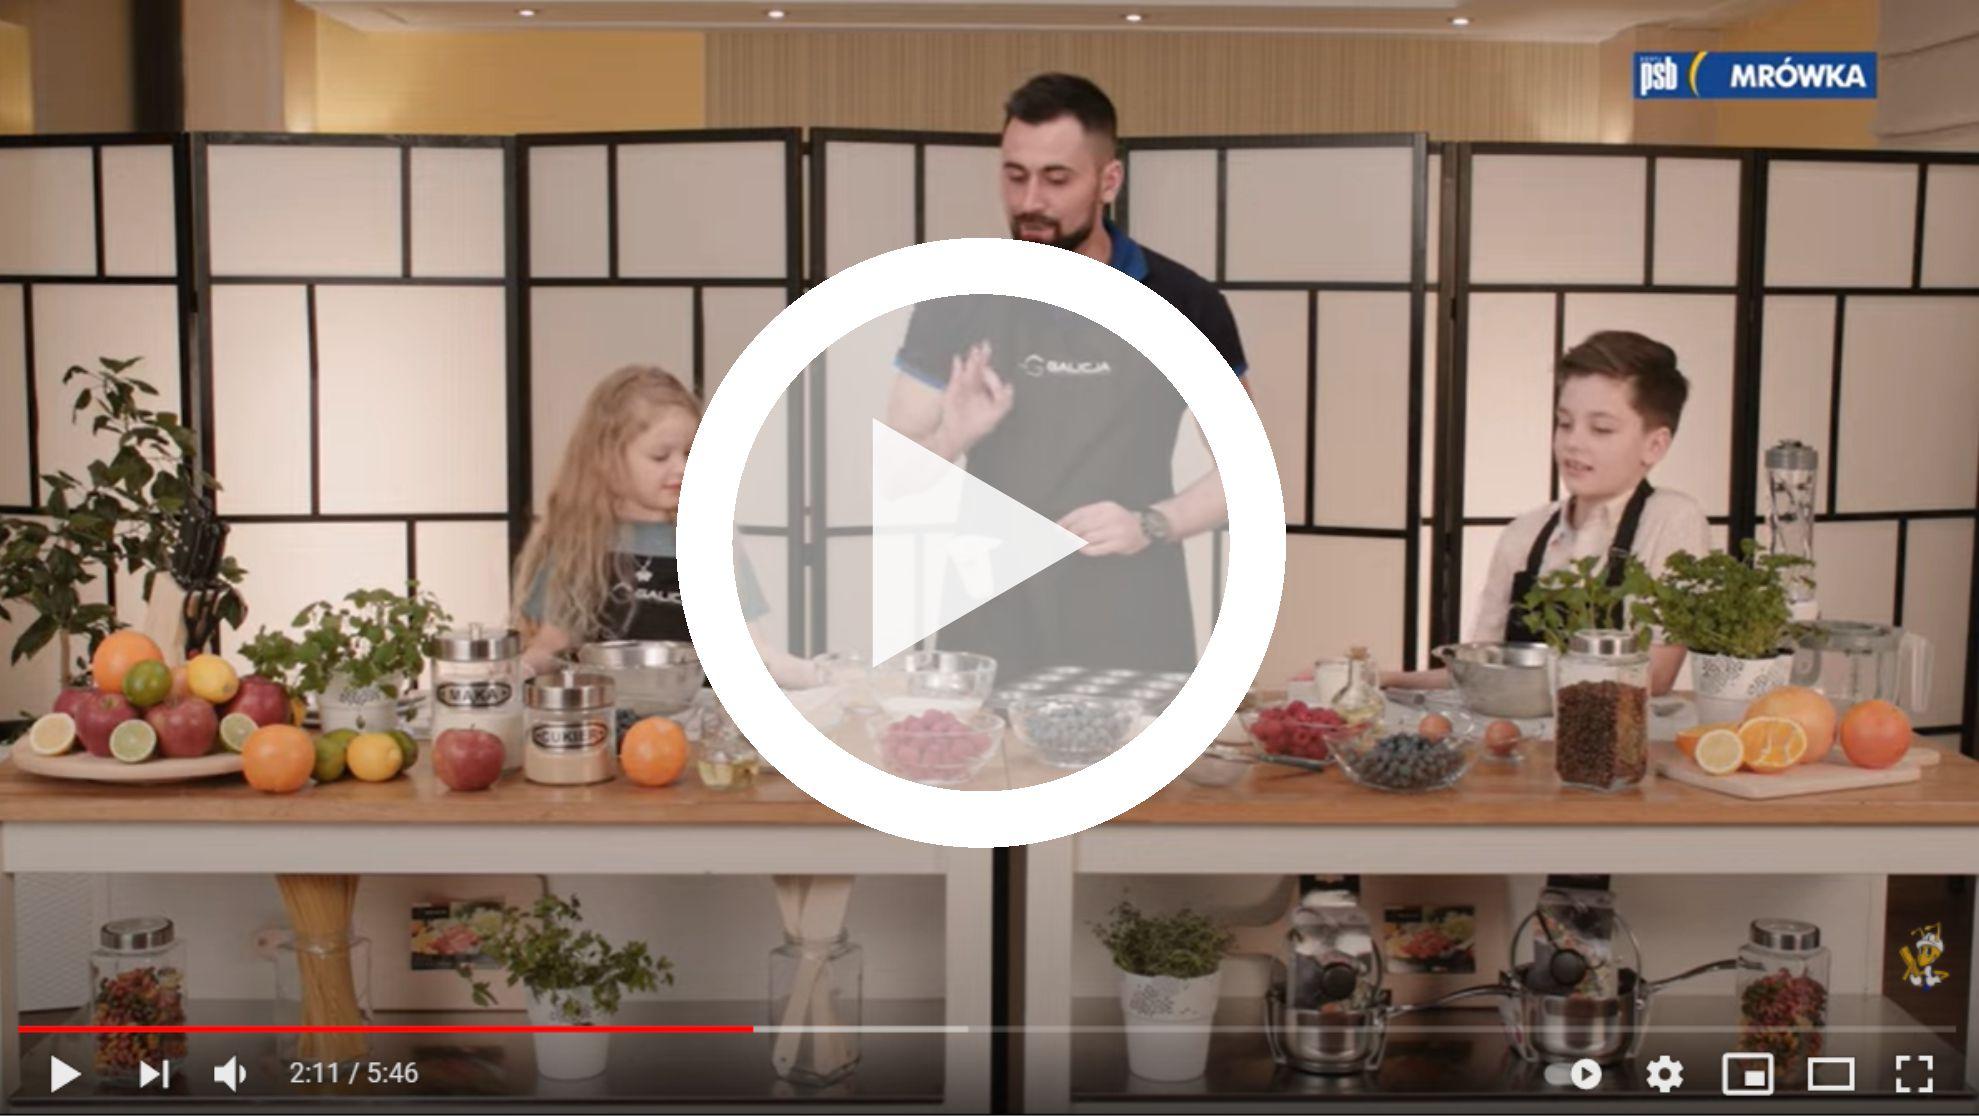 pyszne-muffinki-wykonane-razem-z-malymi-szefami-kuchni-oraz-firma-galicja